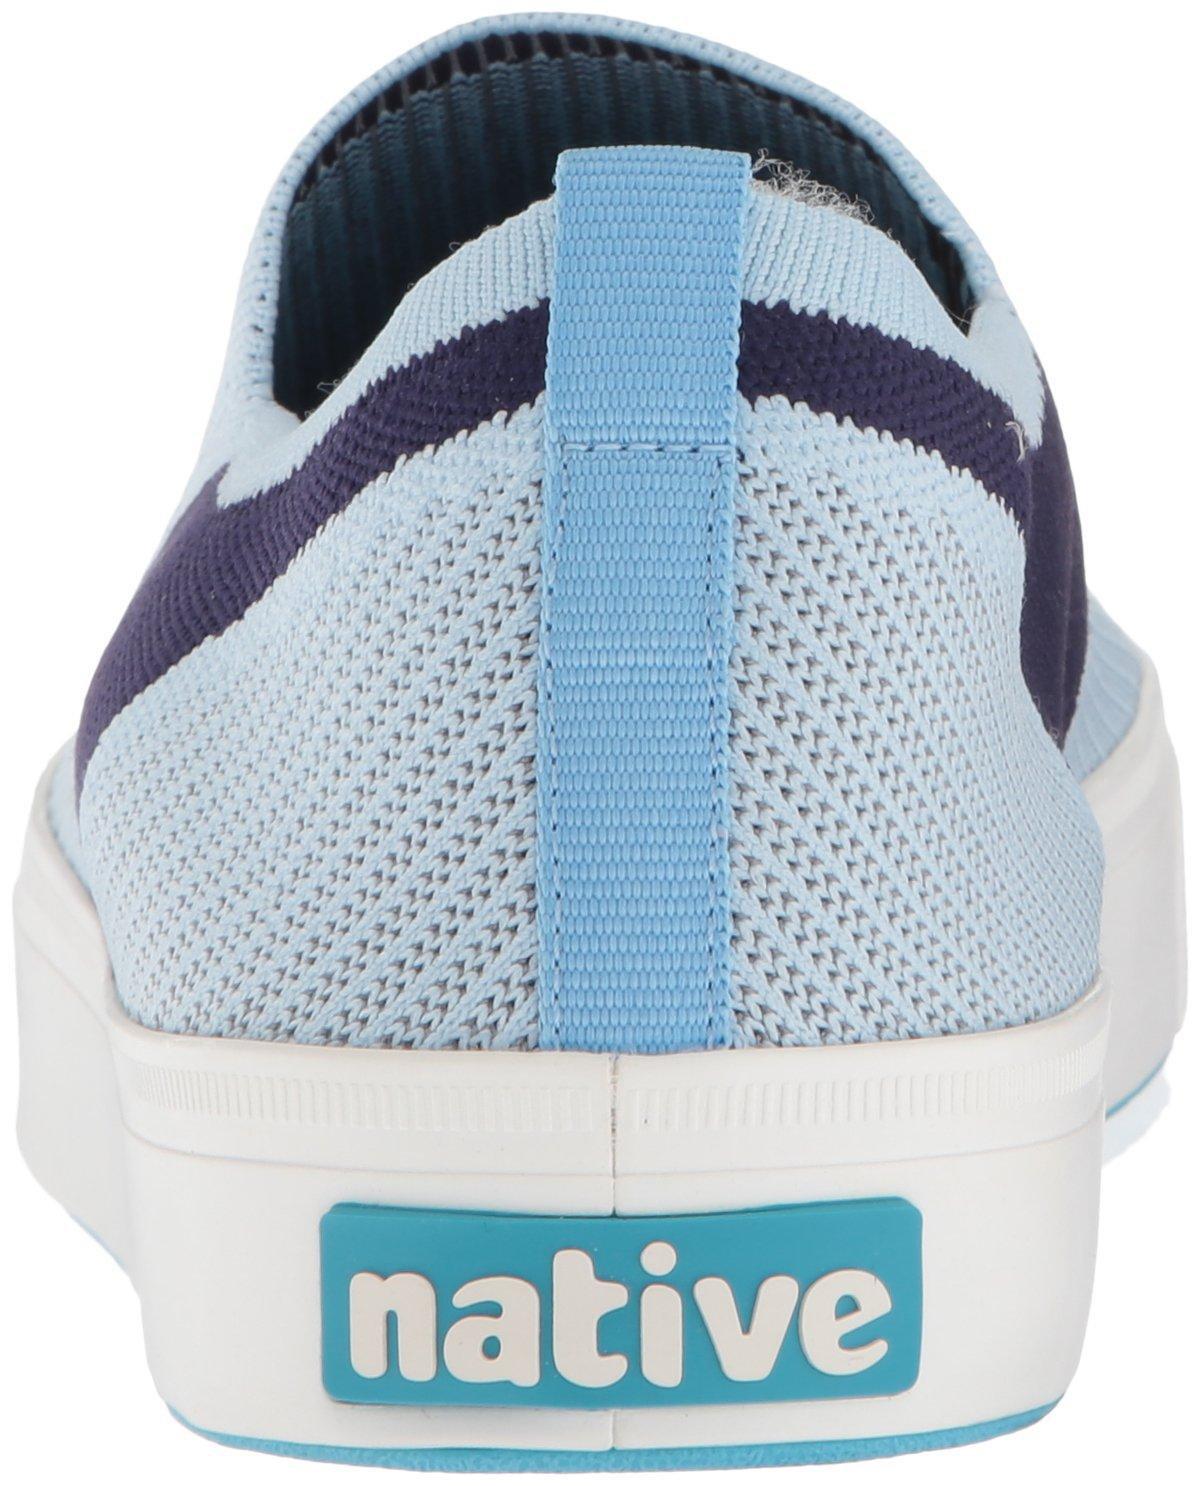 Native Men's Water Miles Water Men's Shoe B07213P3HJ Tennis dfcd84